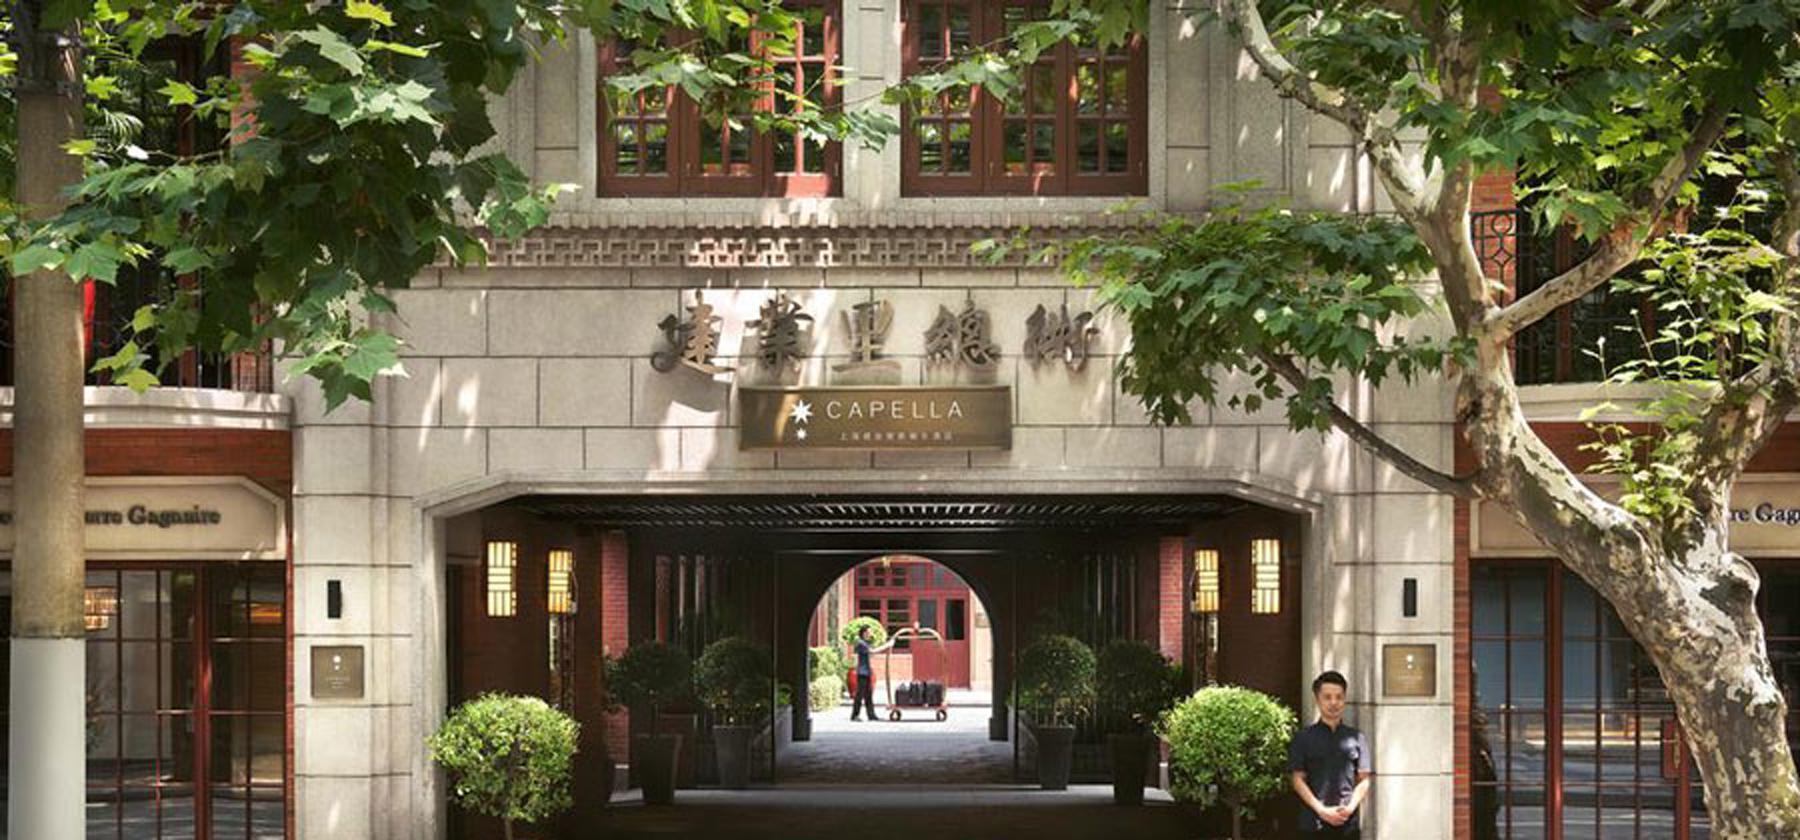 上海建业里嘉佩乐酒店 <br/>Capella Shanghai Jian Ye Li